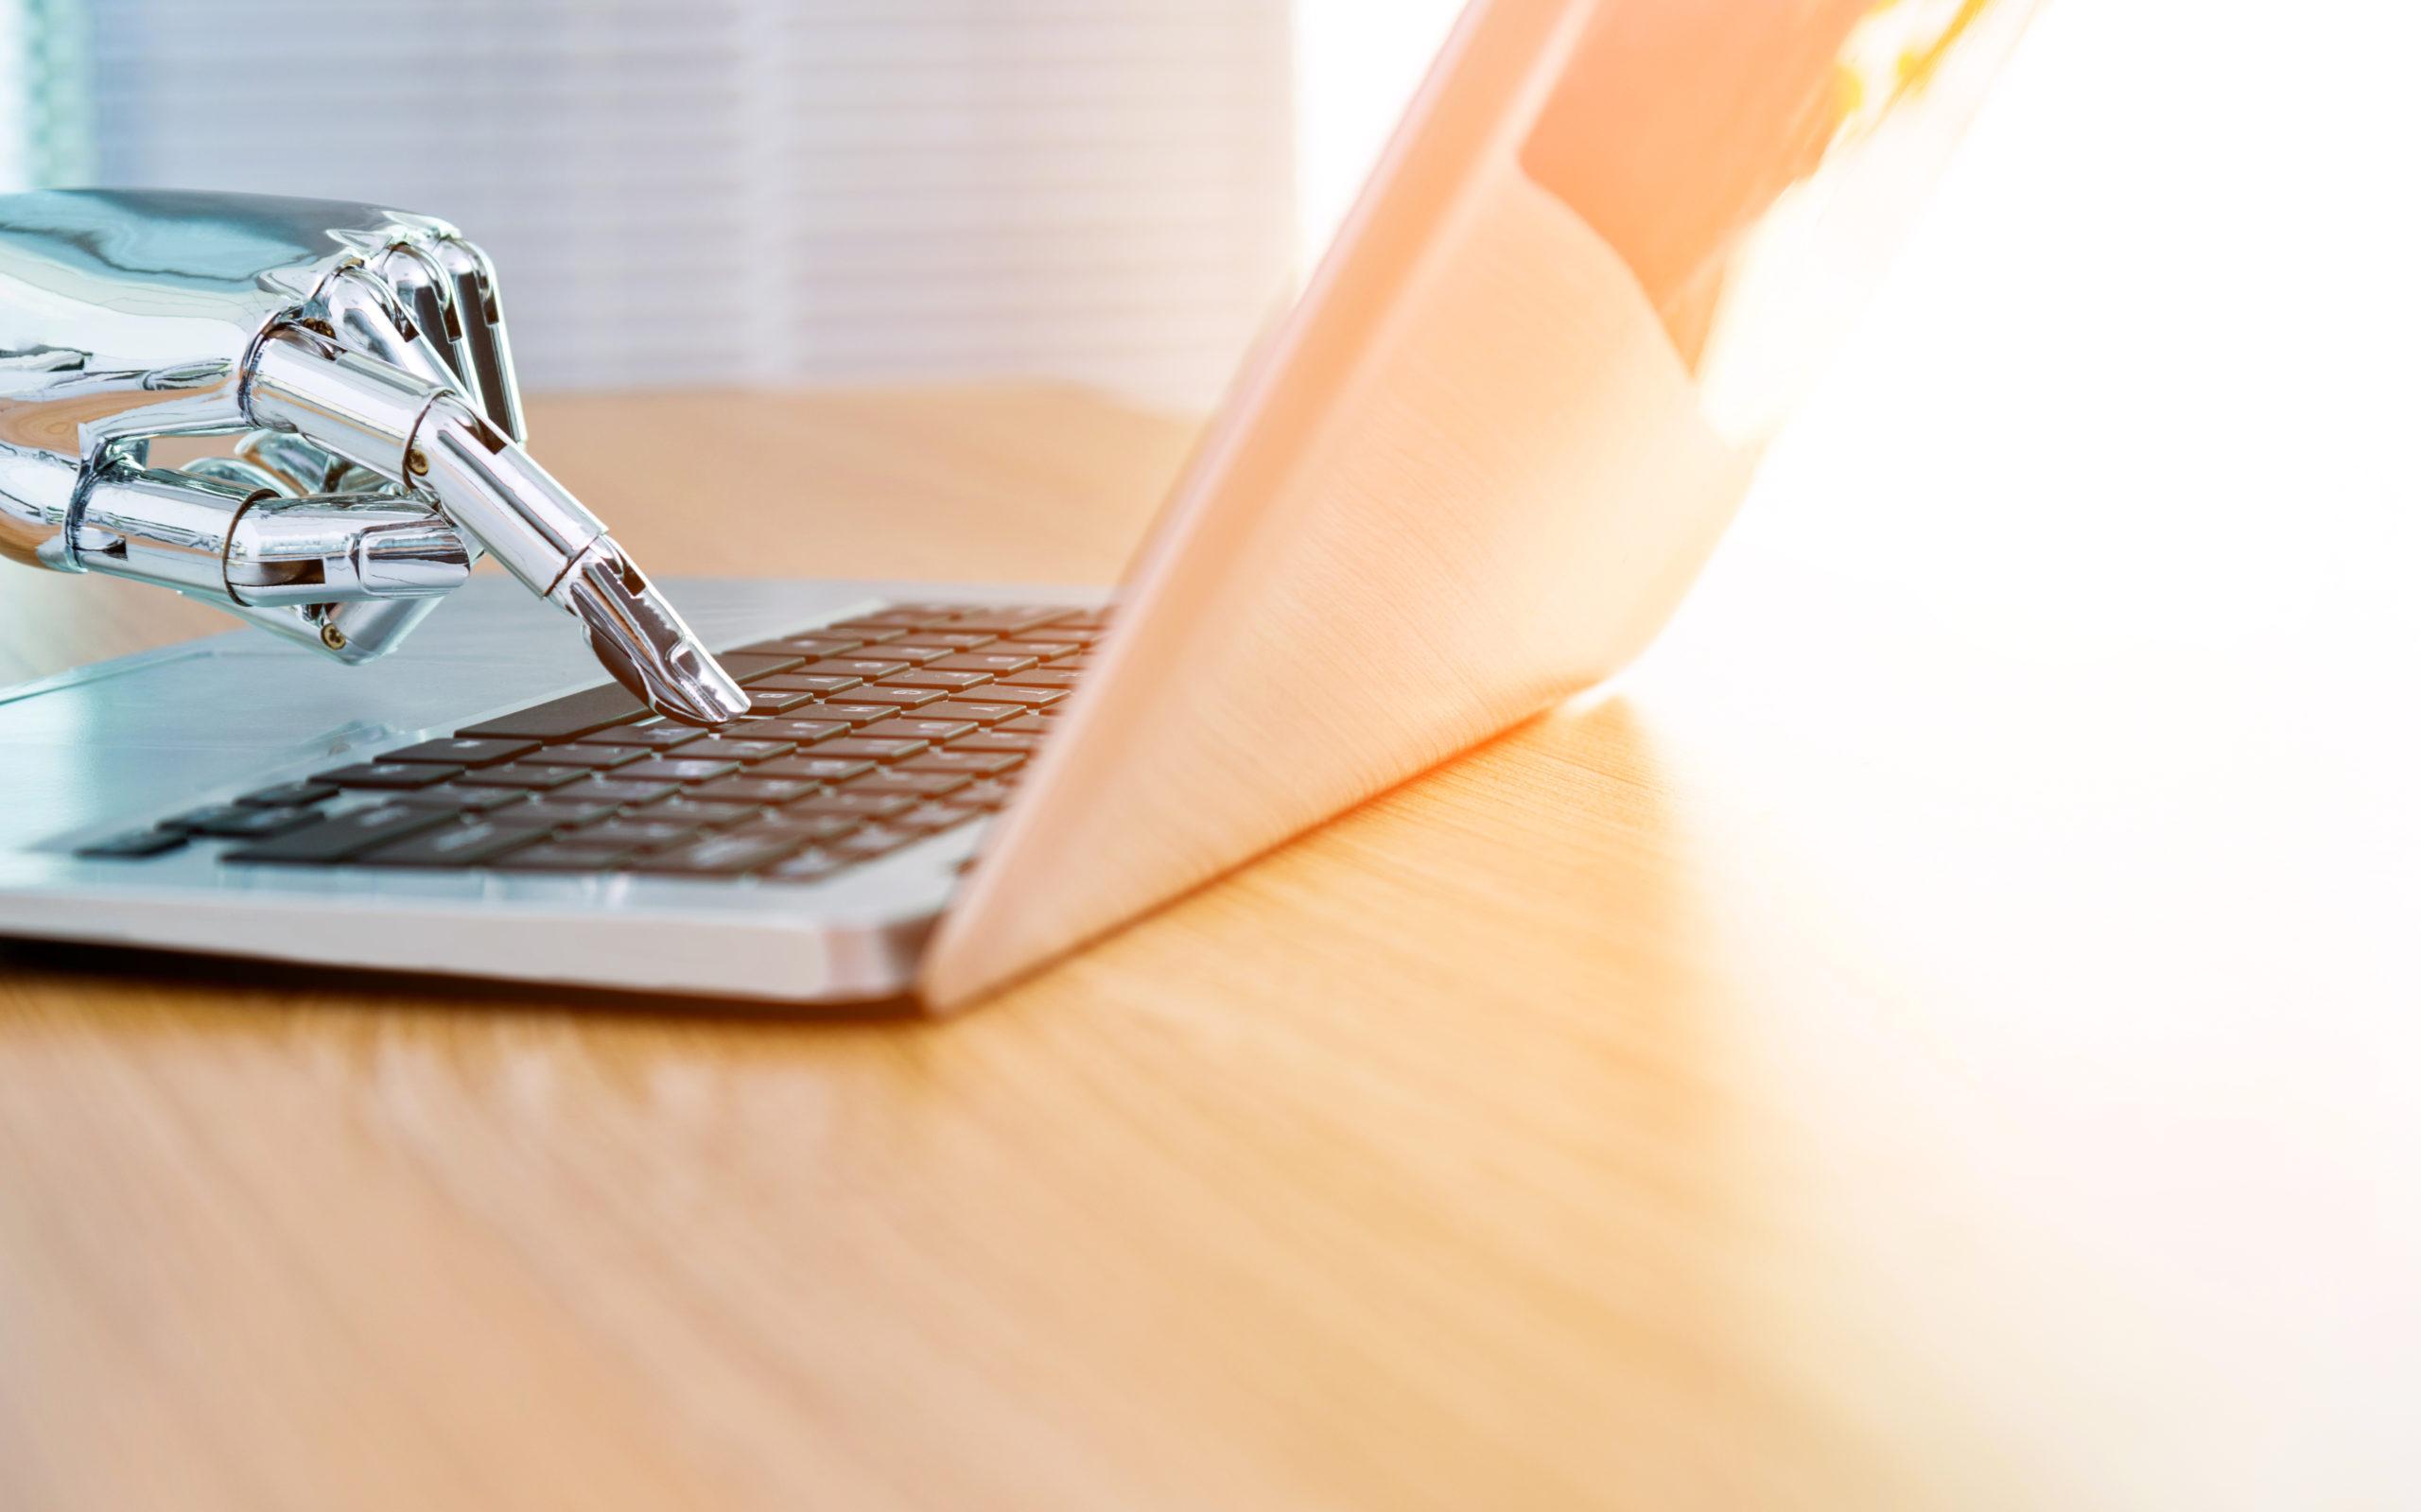 Roboter Hand tippt auf einer Laptop-Tastatur, valantic Whitetaper Chatbots